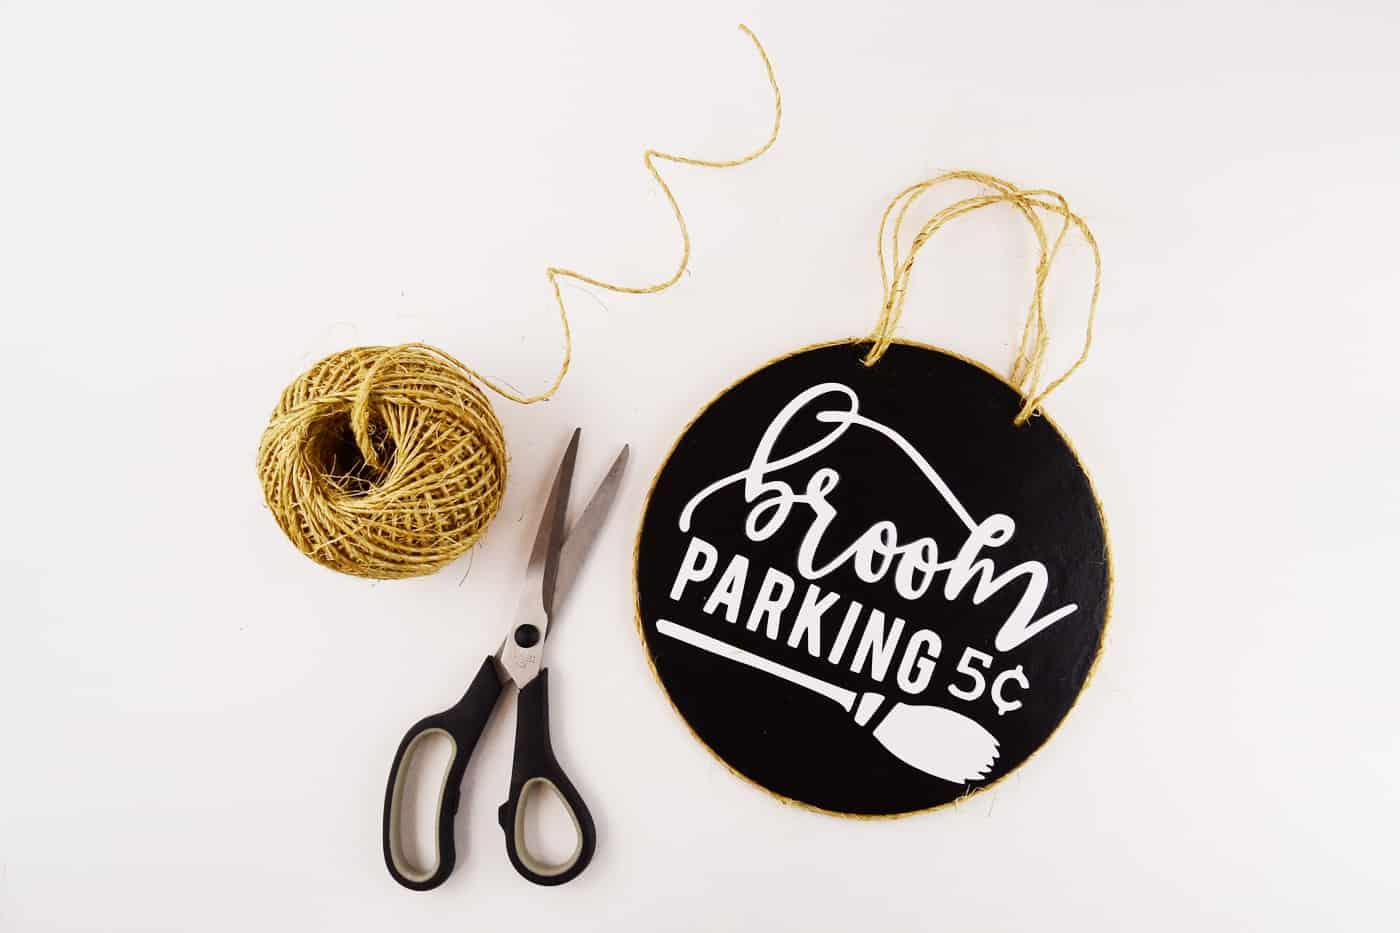 broom-parking-sign-10